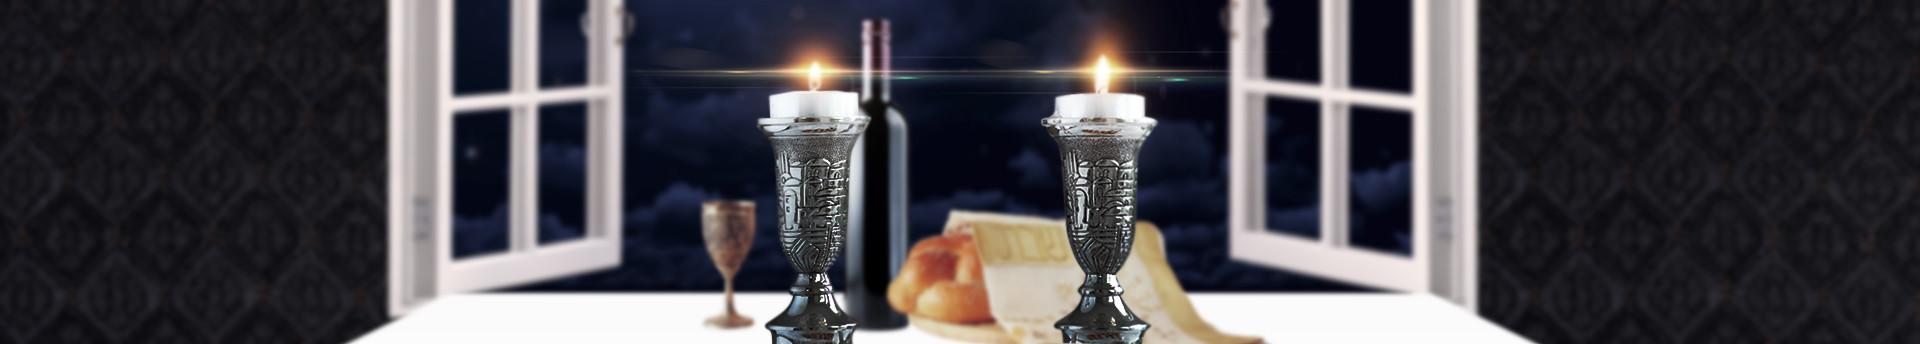 Праздник шаббат у евреев — узнай, что же это за день